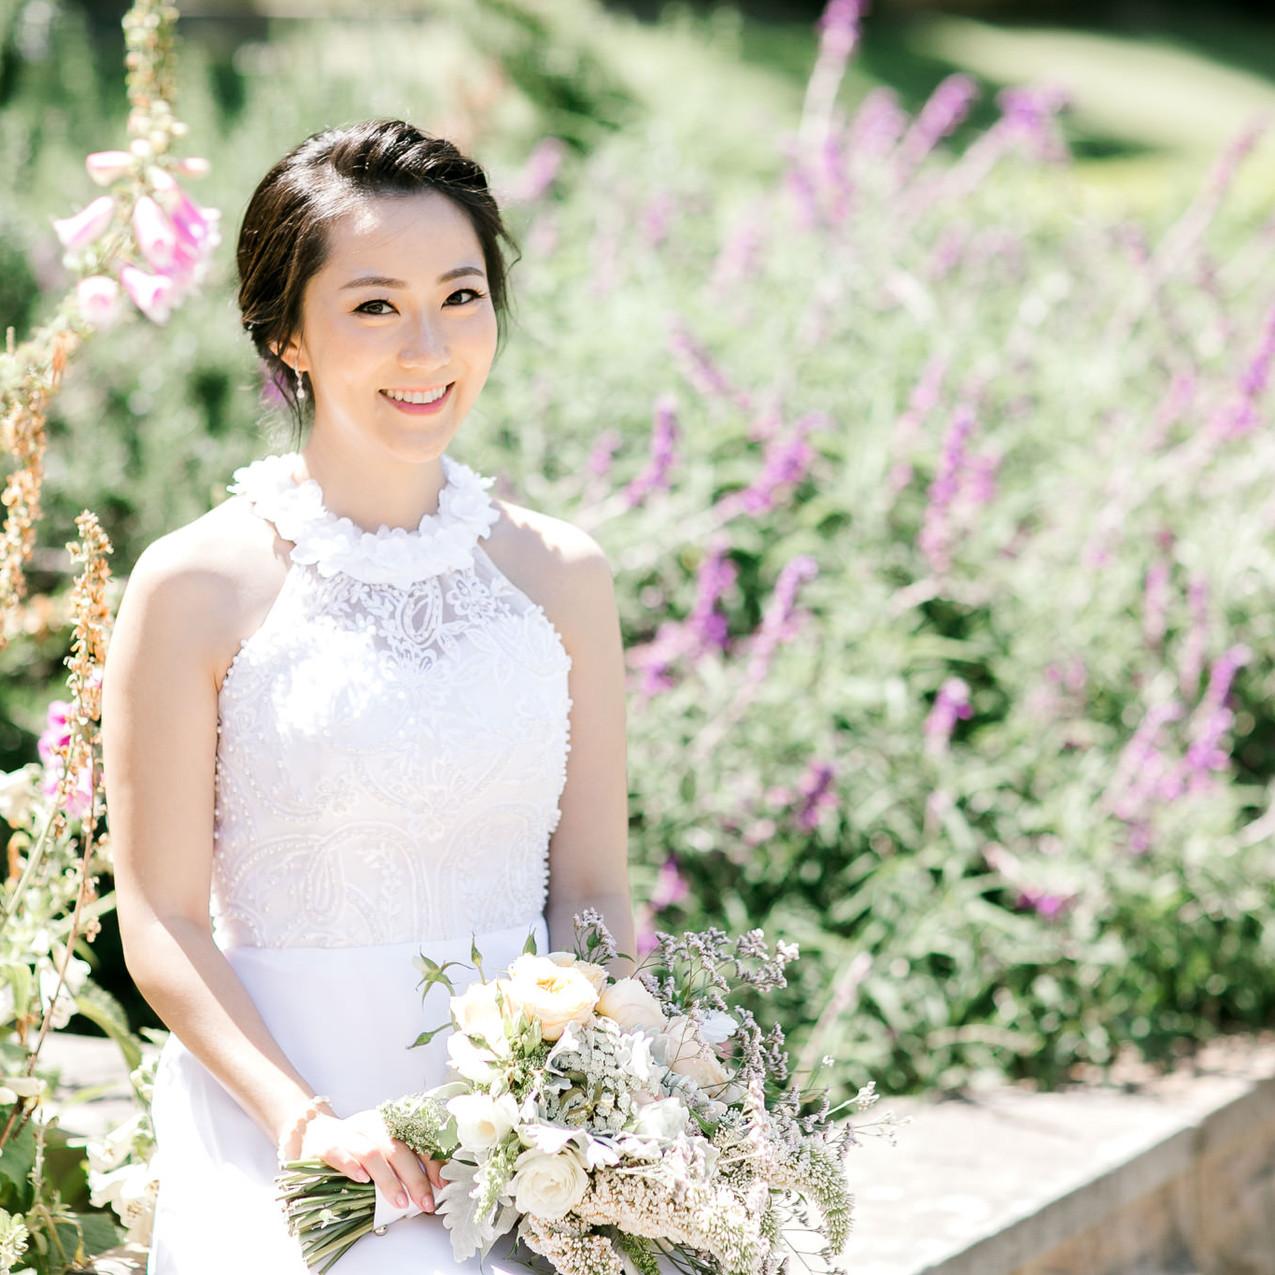 Bridal Makeup Sydney Photography: Clarzzique